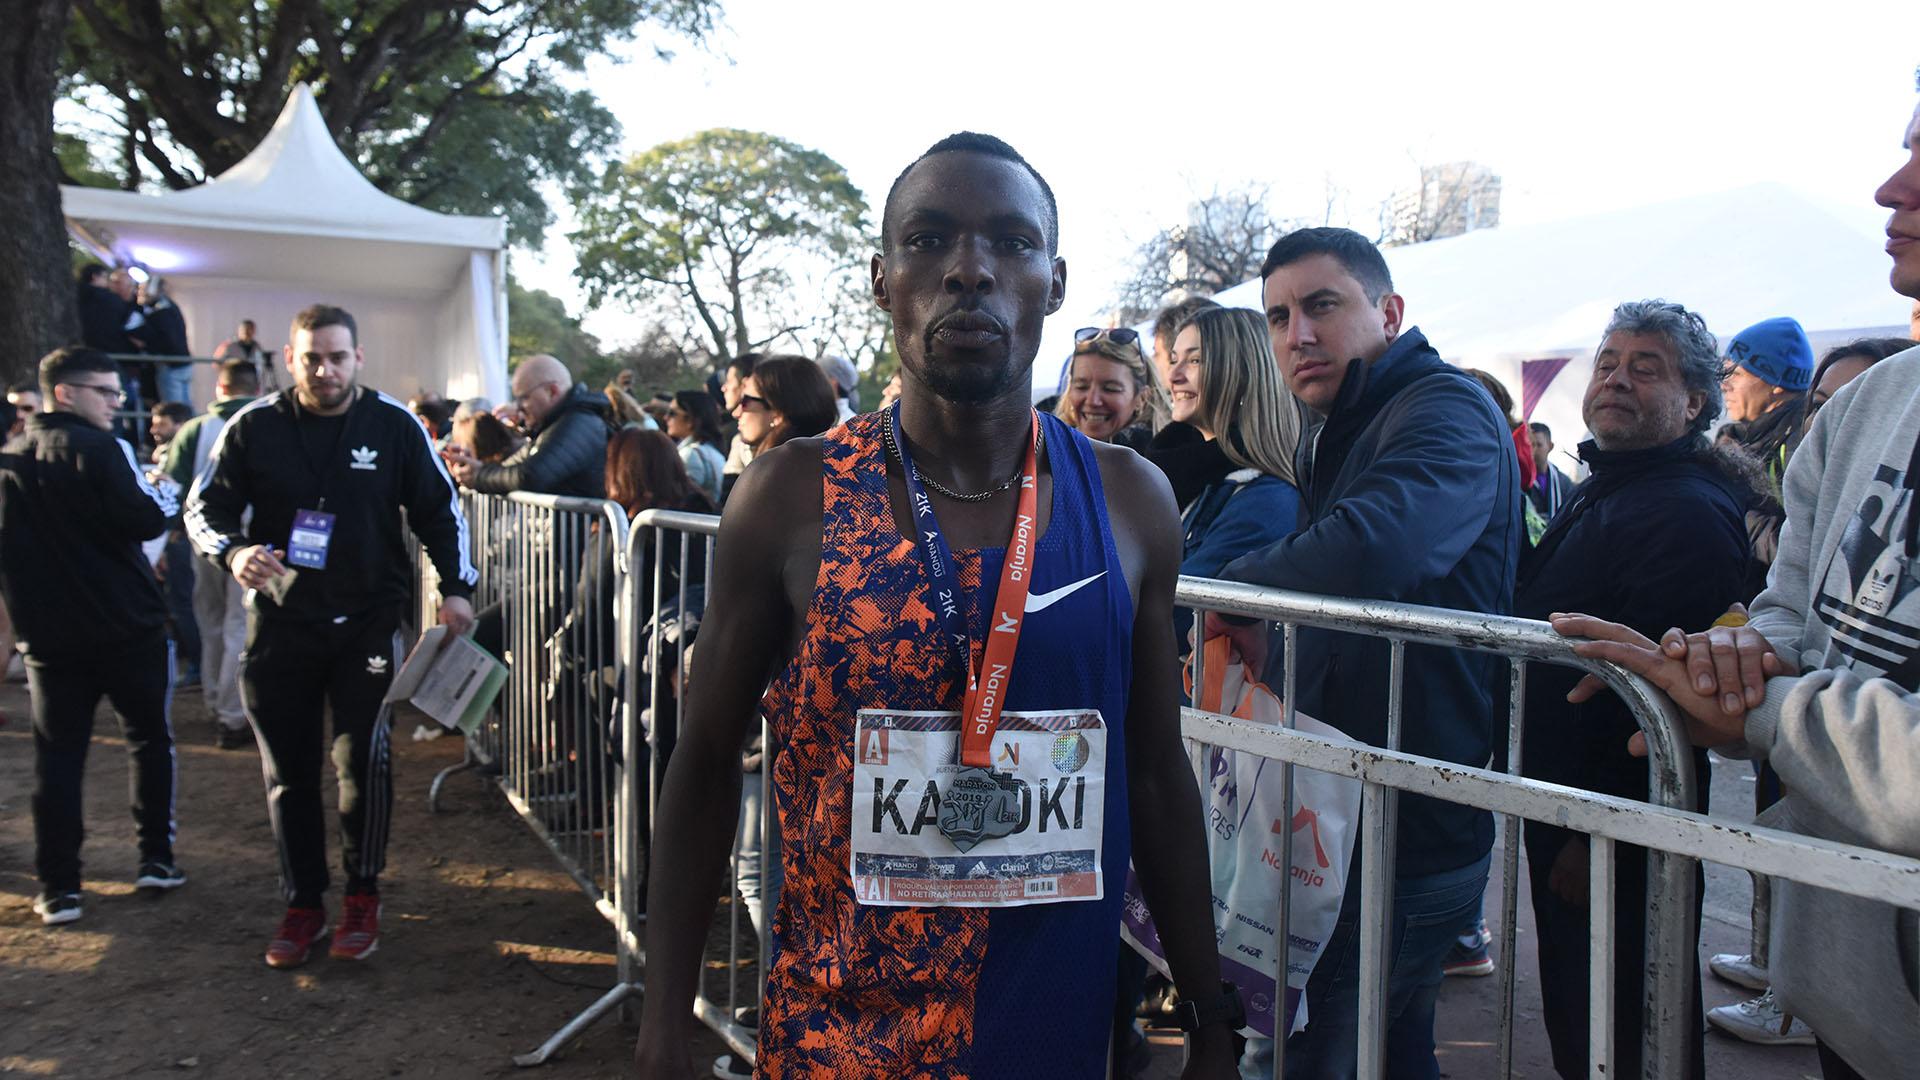 El keniata Bedan Karoki ganó la carrera con un tiempo récord de 59:07 minutos (Fotos: Franco Fafasuli y Nicolás Stulberg)